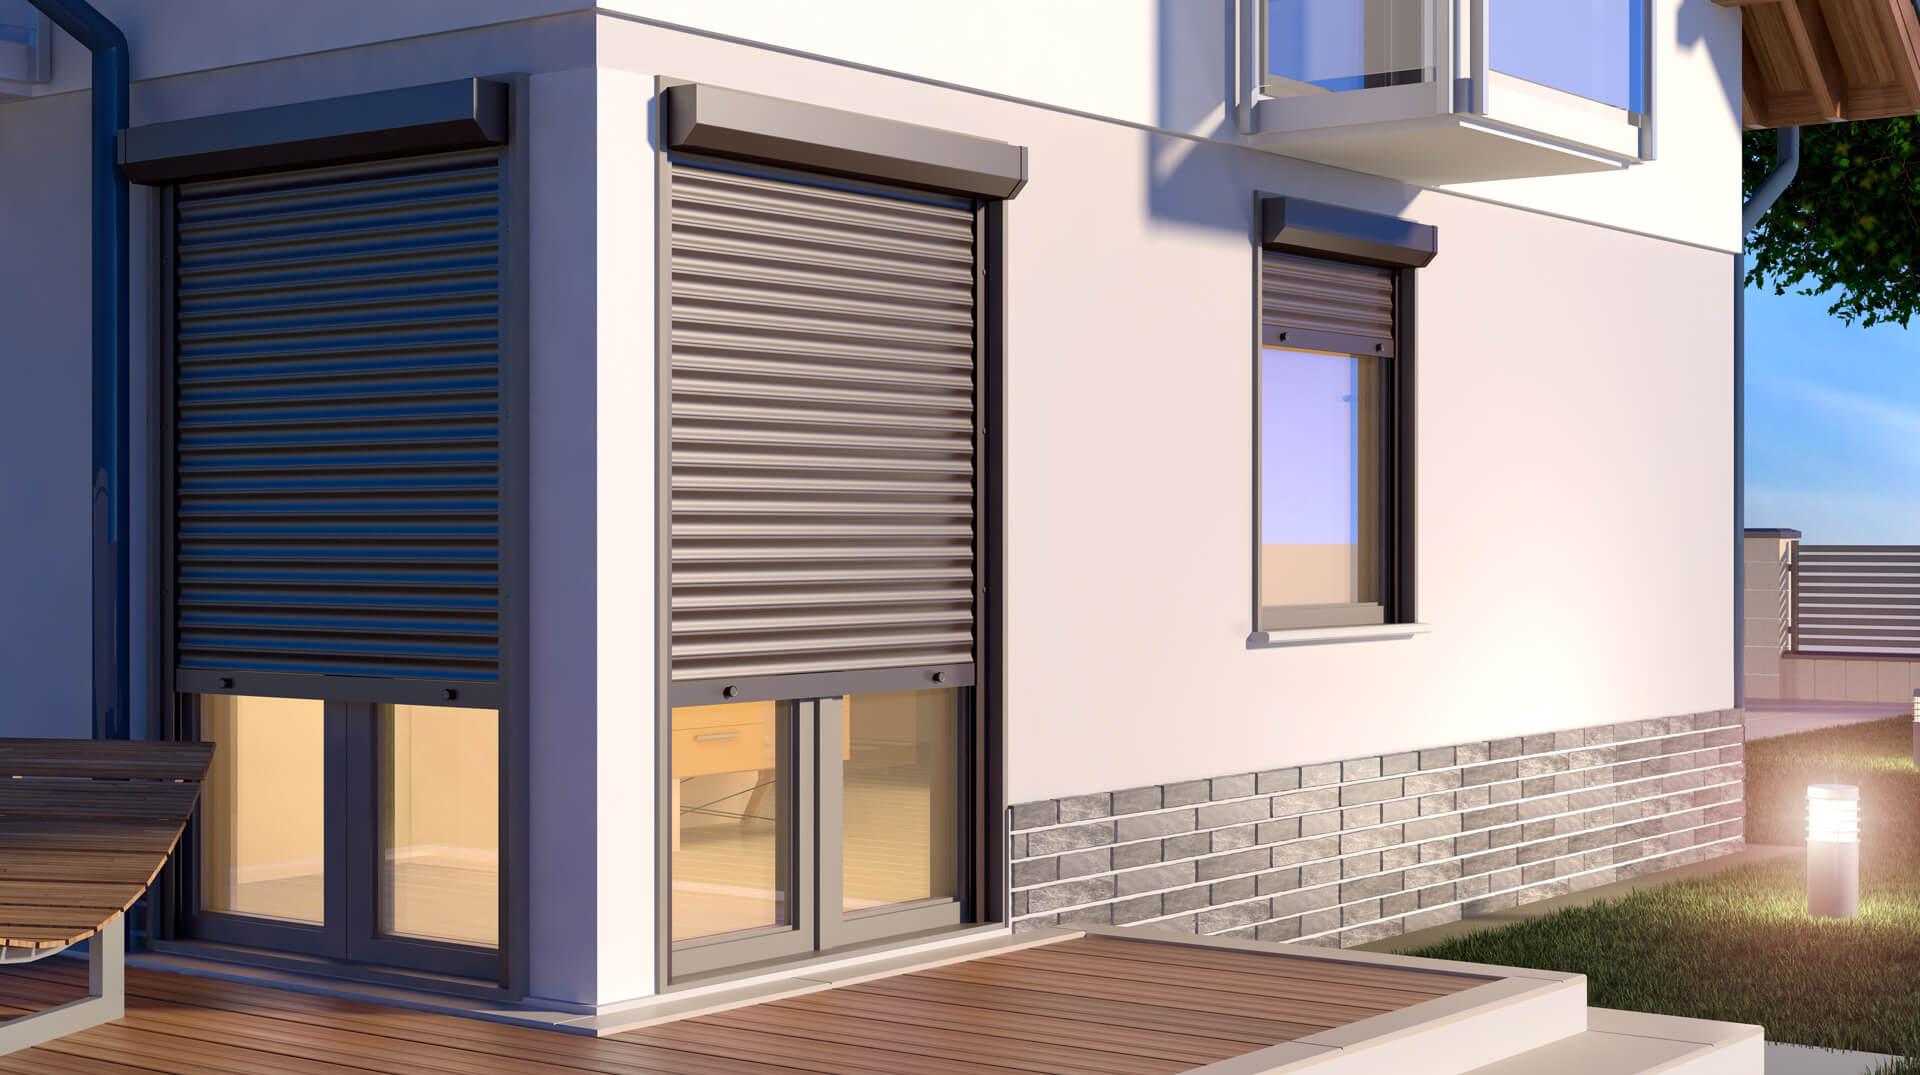 Roleta zewnętrzna na oknie